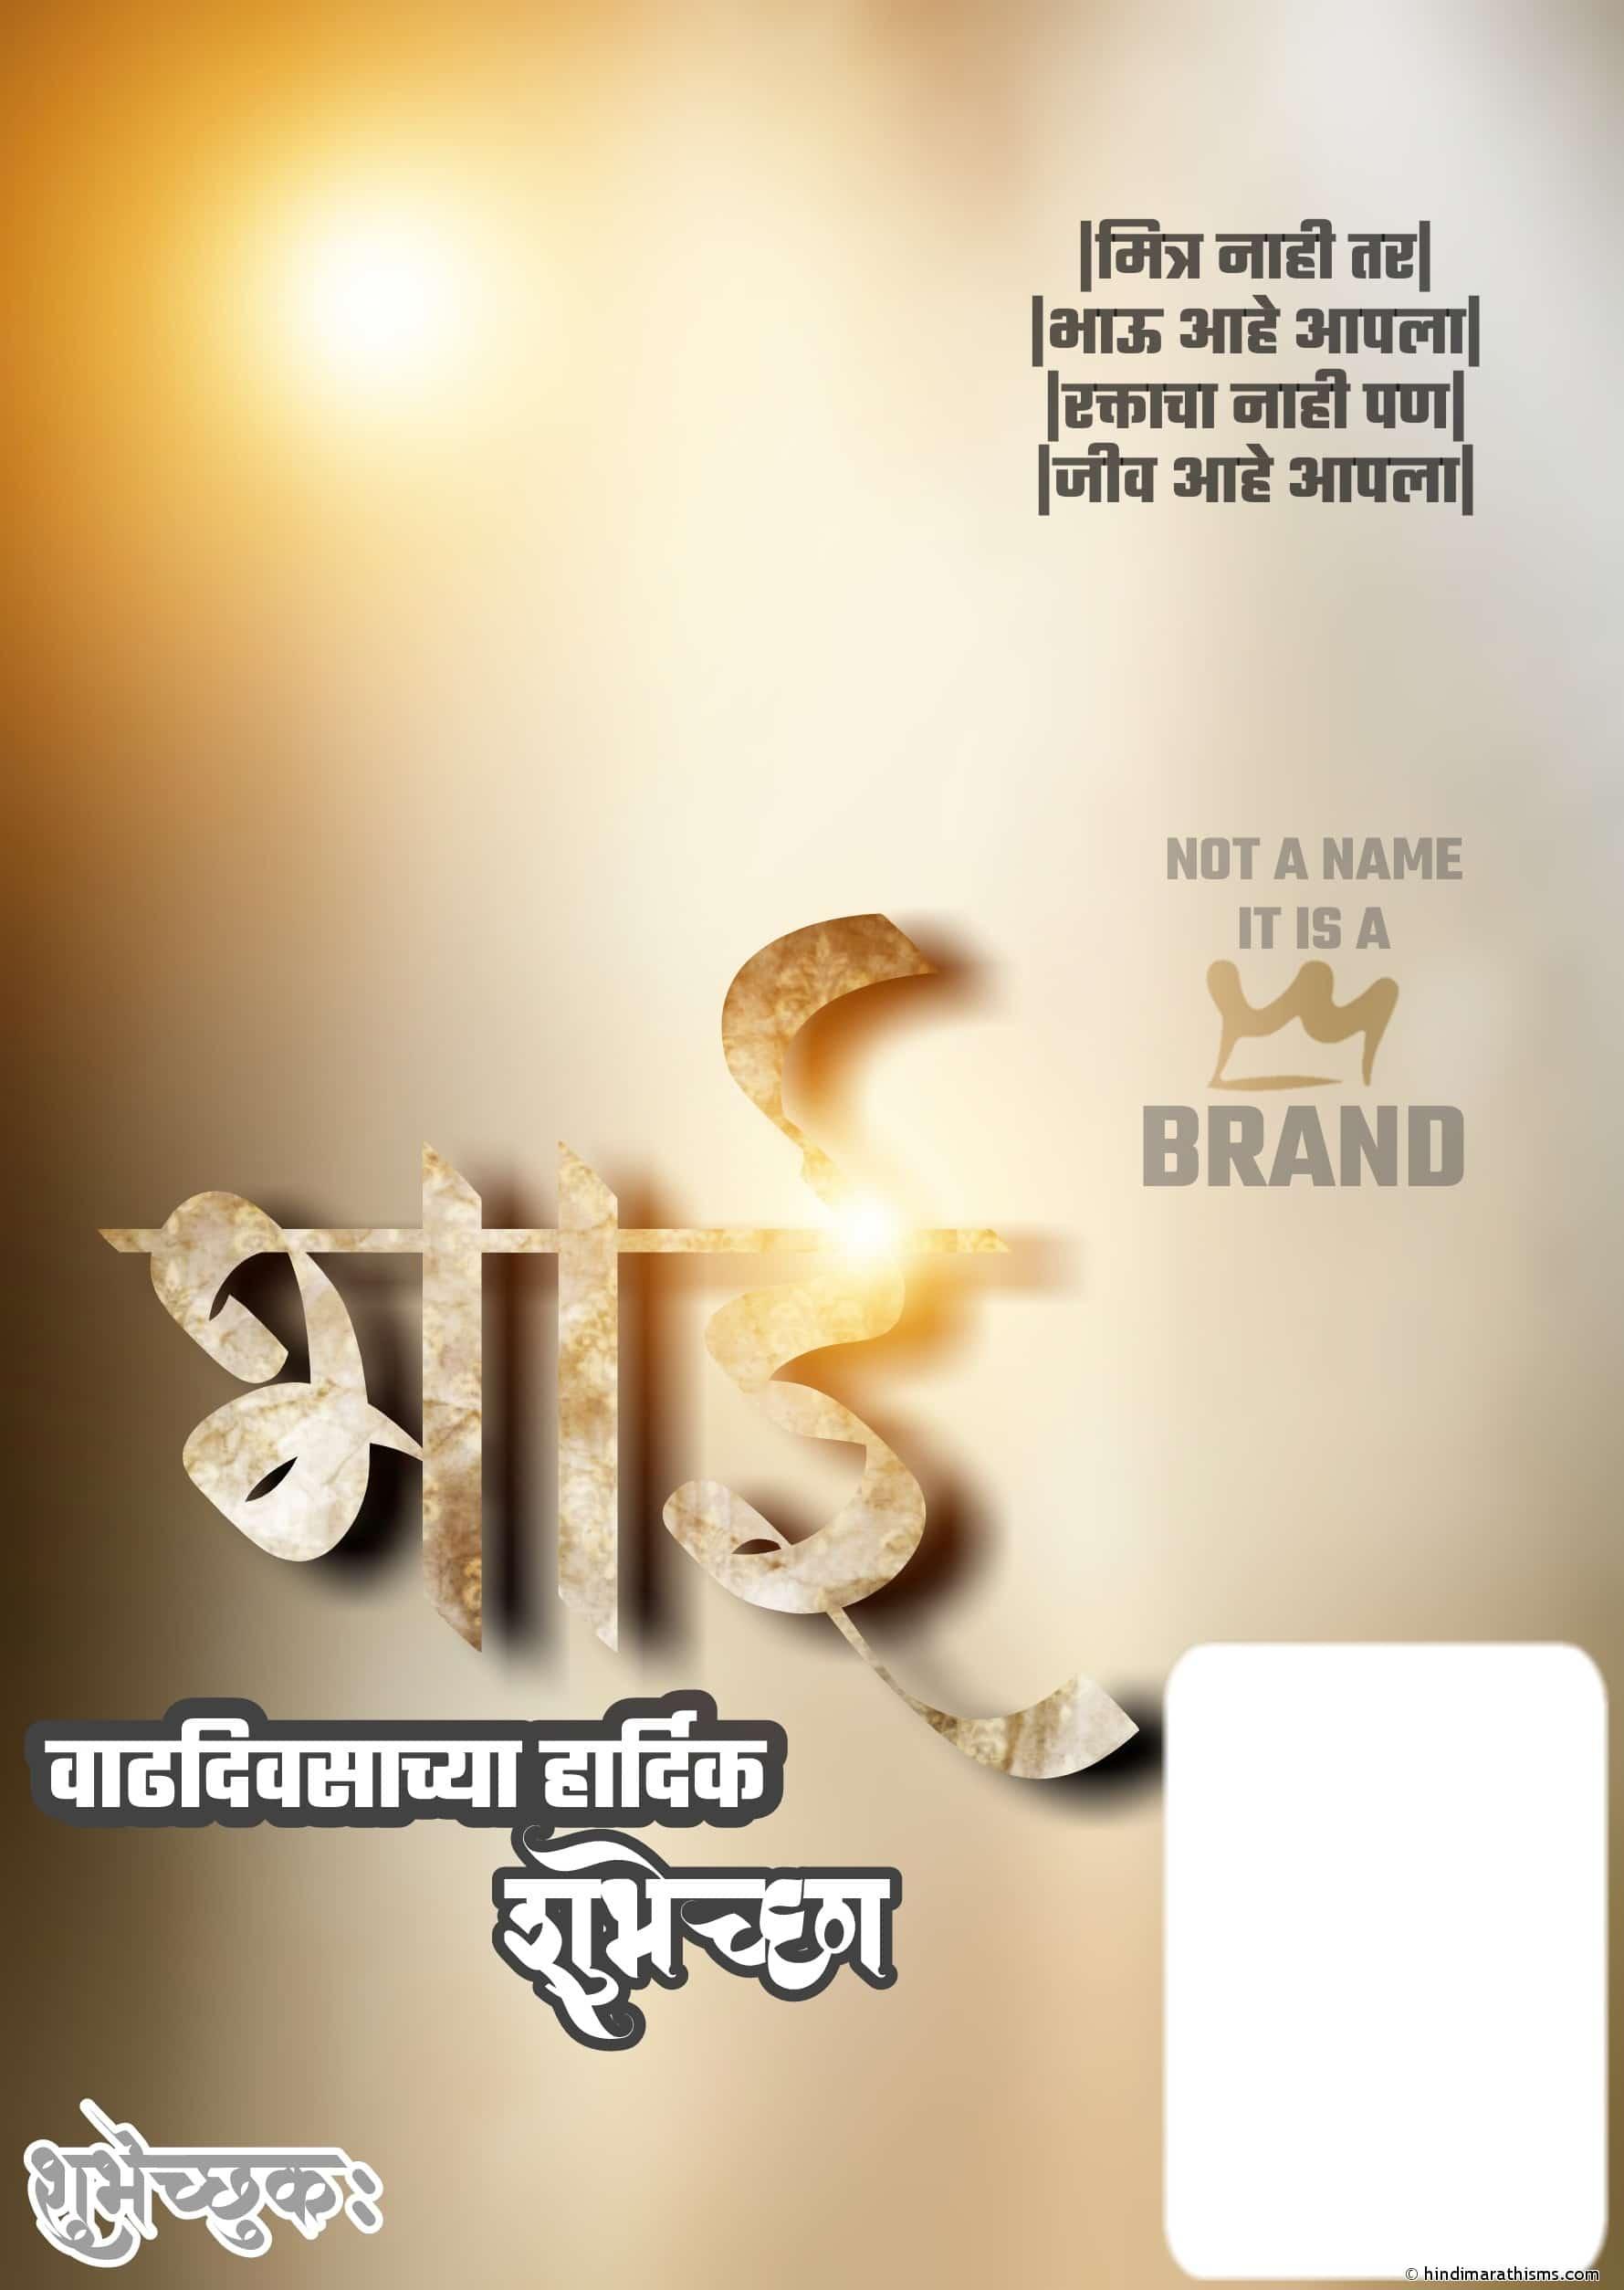 Bhai Vadhdivsachya Shubhechha Banner Image